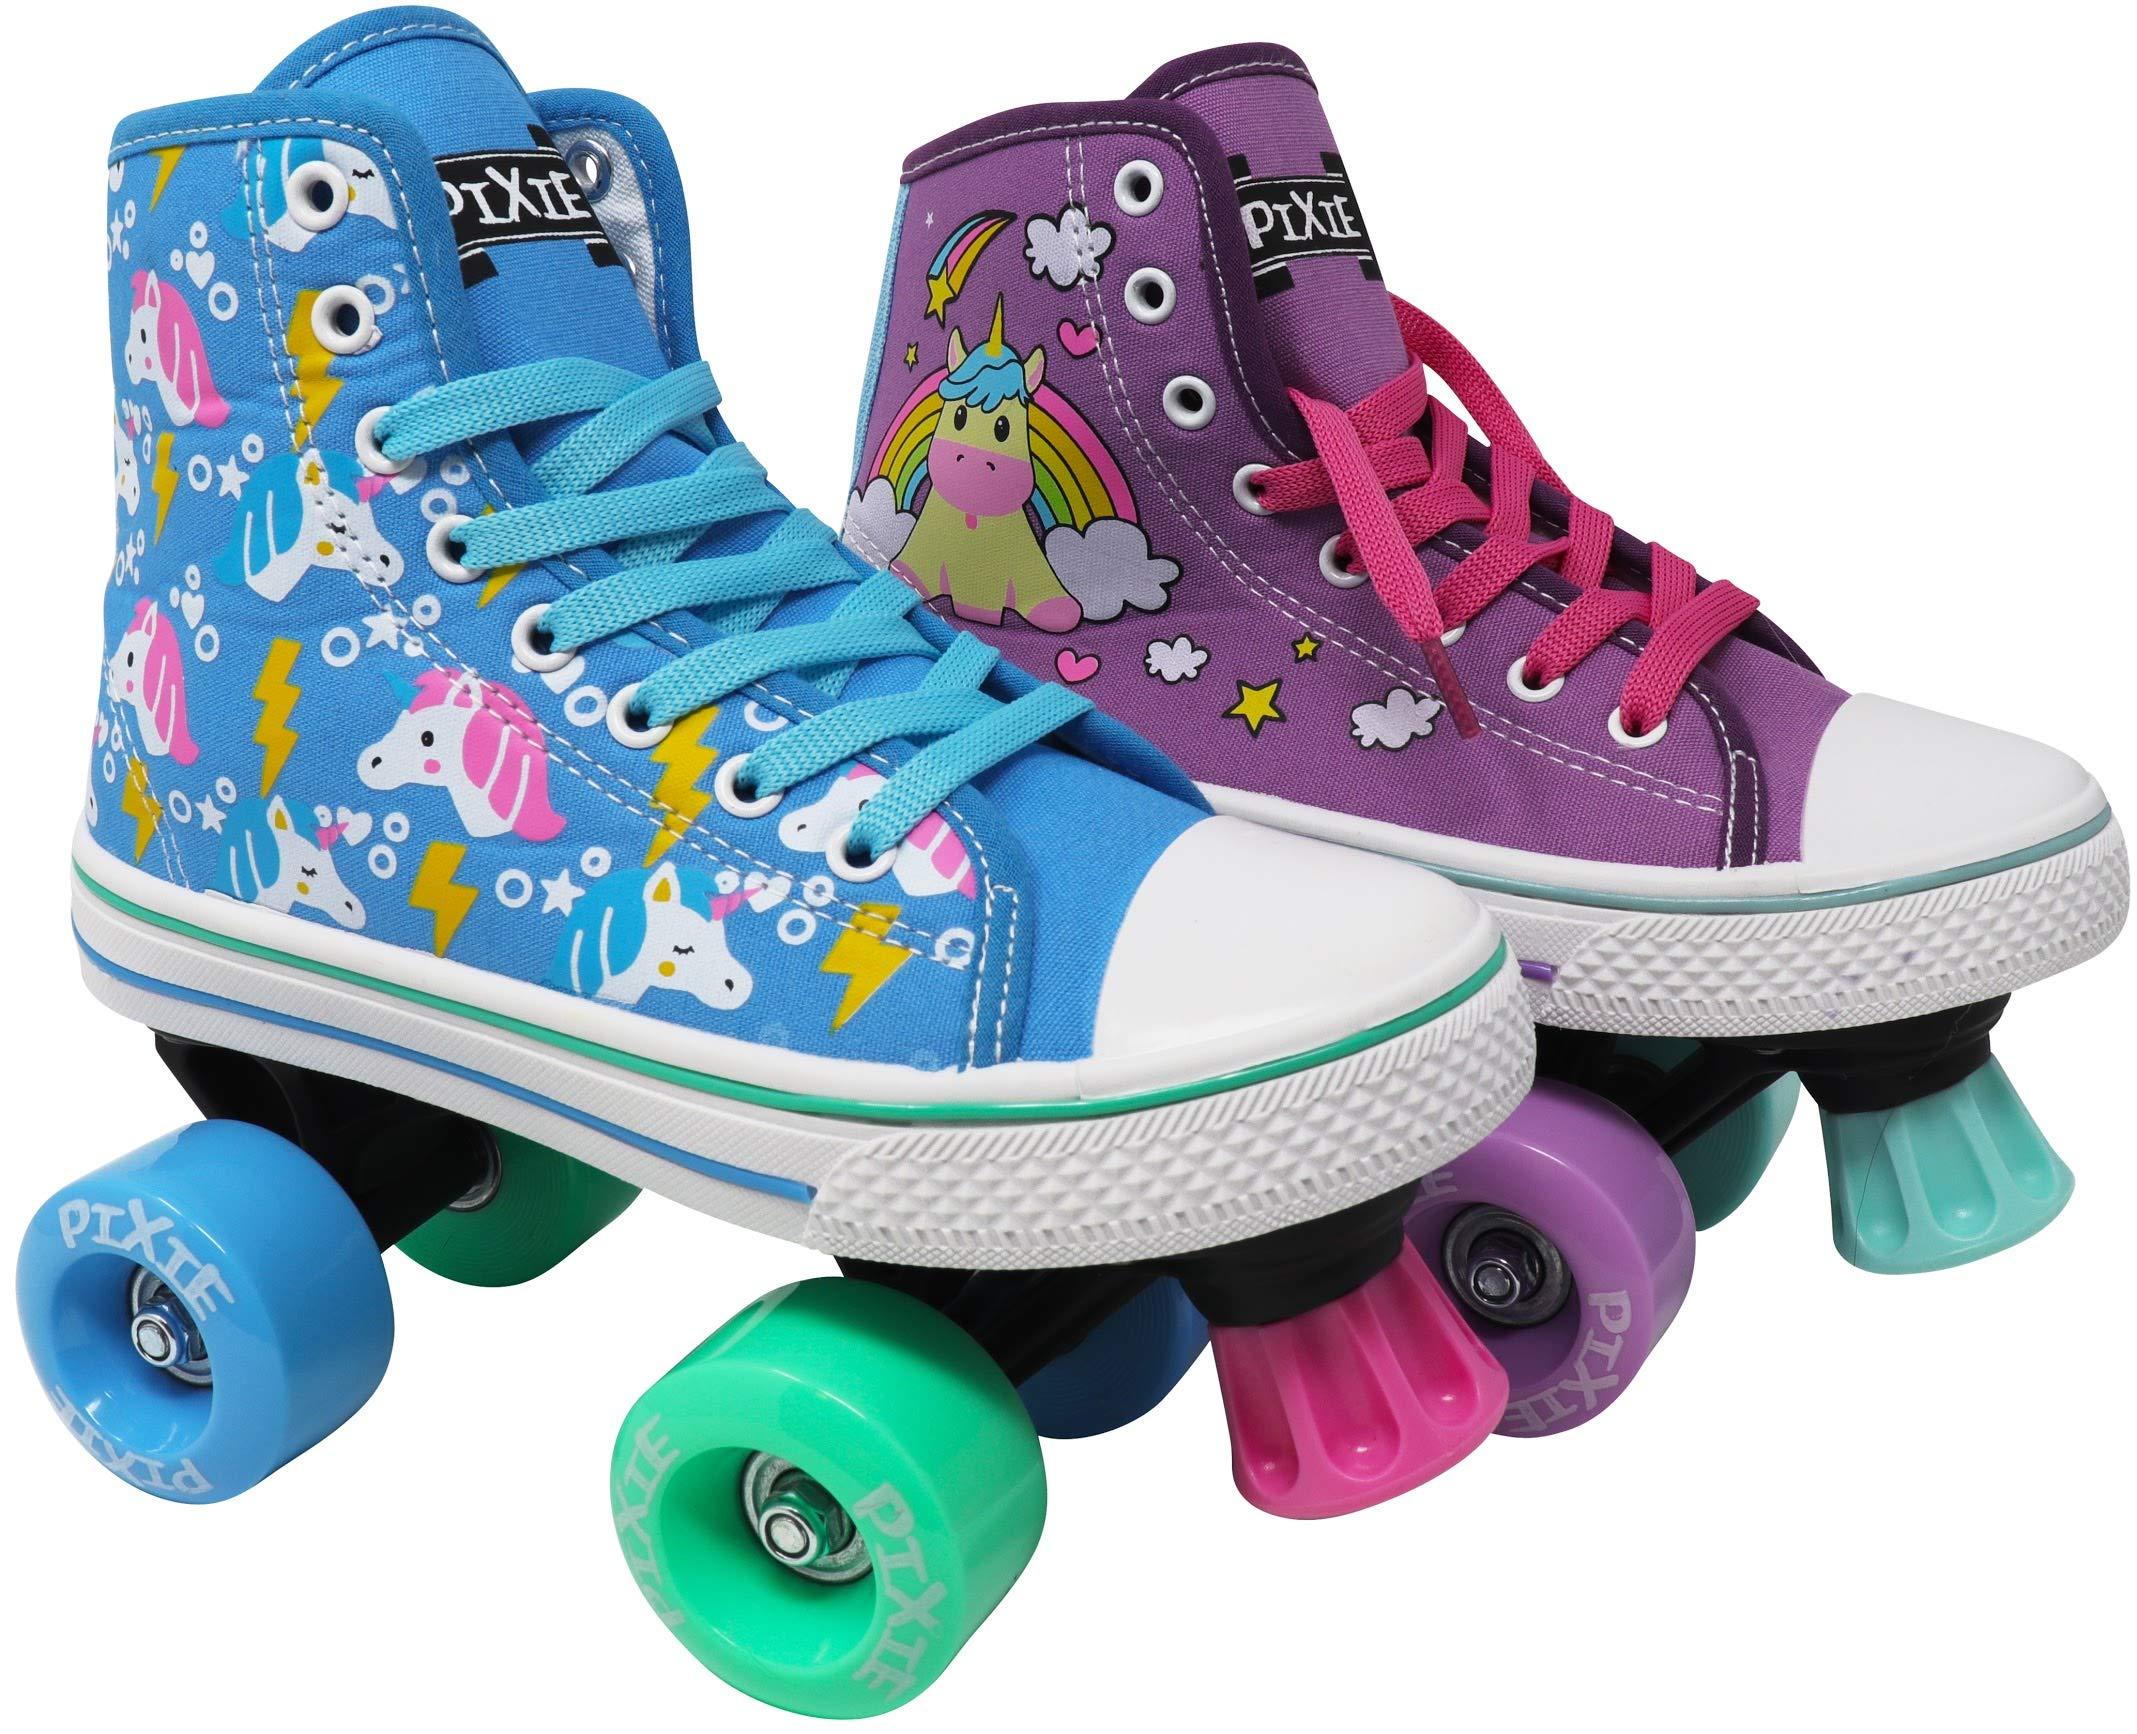 Lenexa Roller Skates for Girls - Pixie Unicorn Kids Quad Roller Skate - Indoor, Outdoor, Derby Children's Skate - Rollerskates Made for Kids - High Top Sneaker Style - for Beginner (Sky Blue, J12) by Lenexa